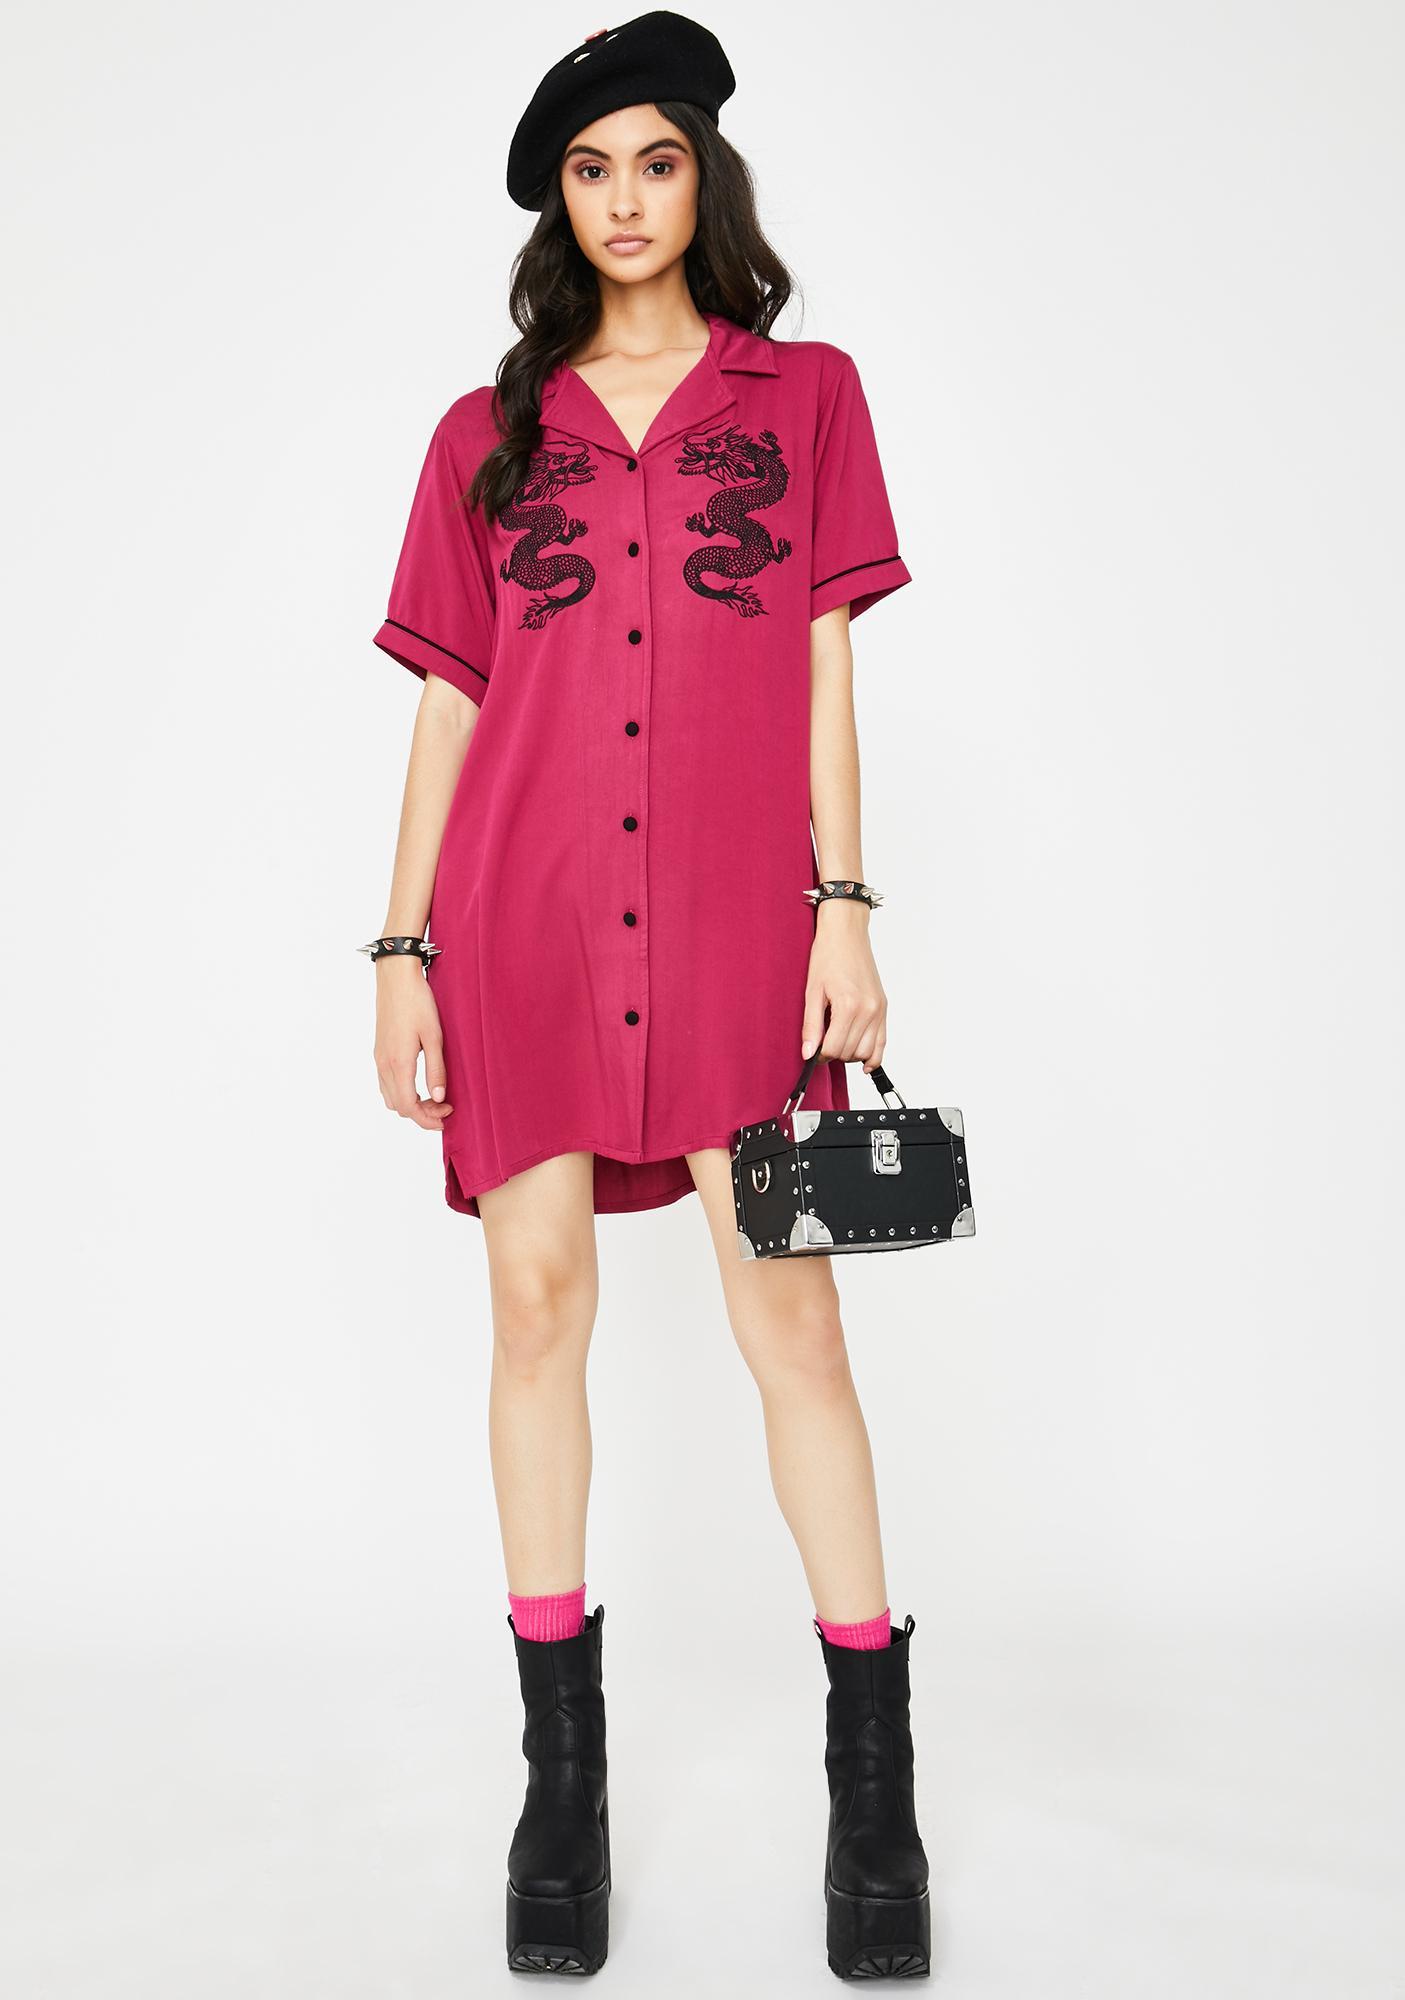 Lazy Oaf Red Dragon Shirt Dress